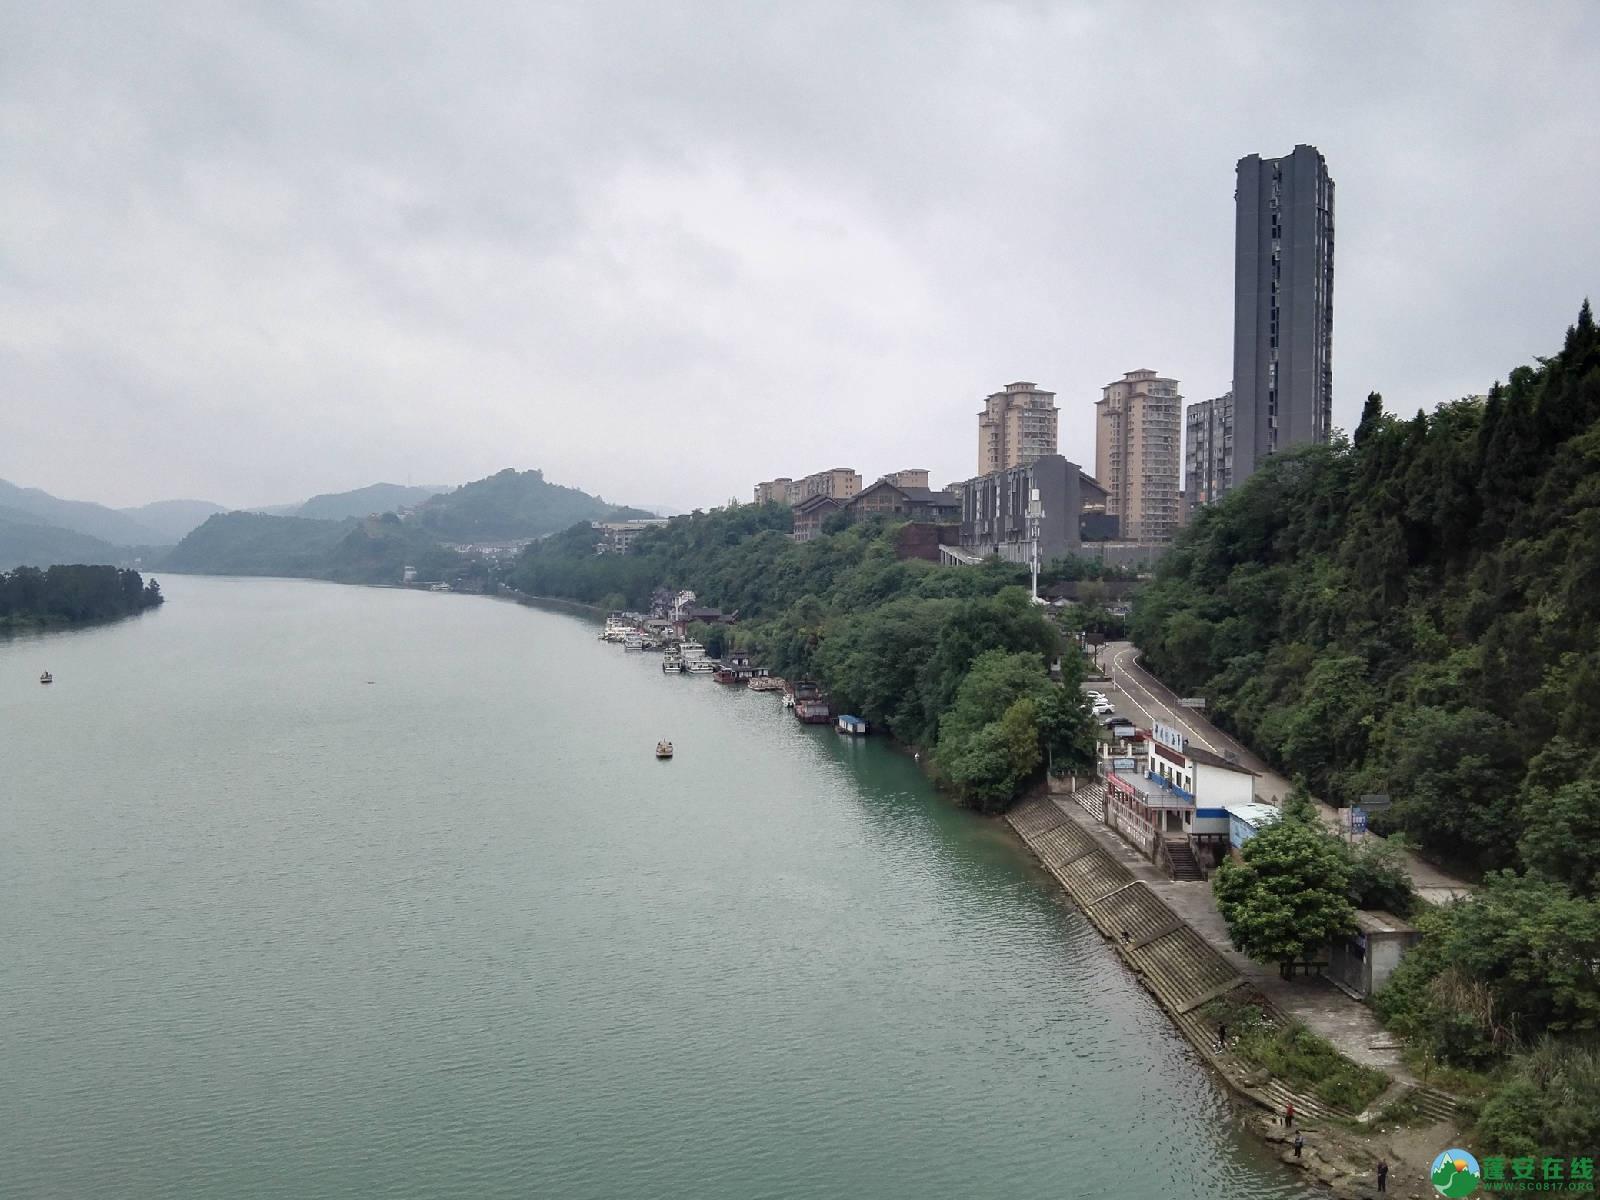 蓬安山水之城 - 第11张  | 蓬安在线